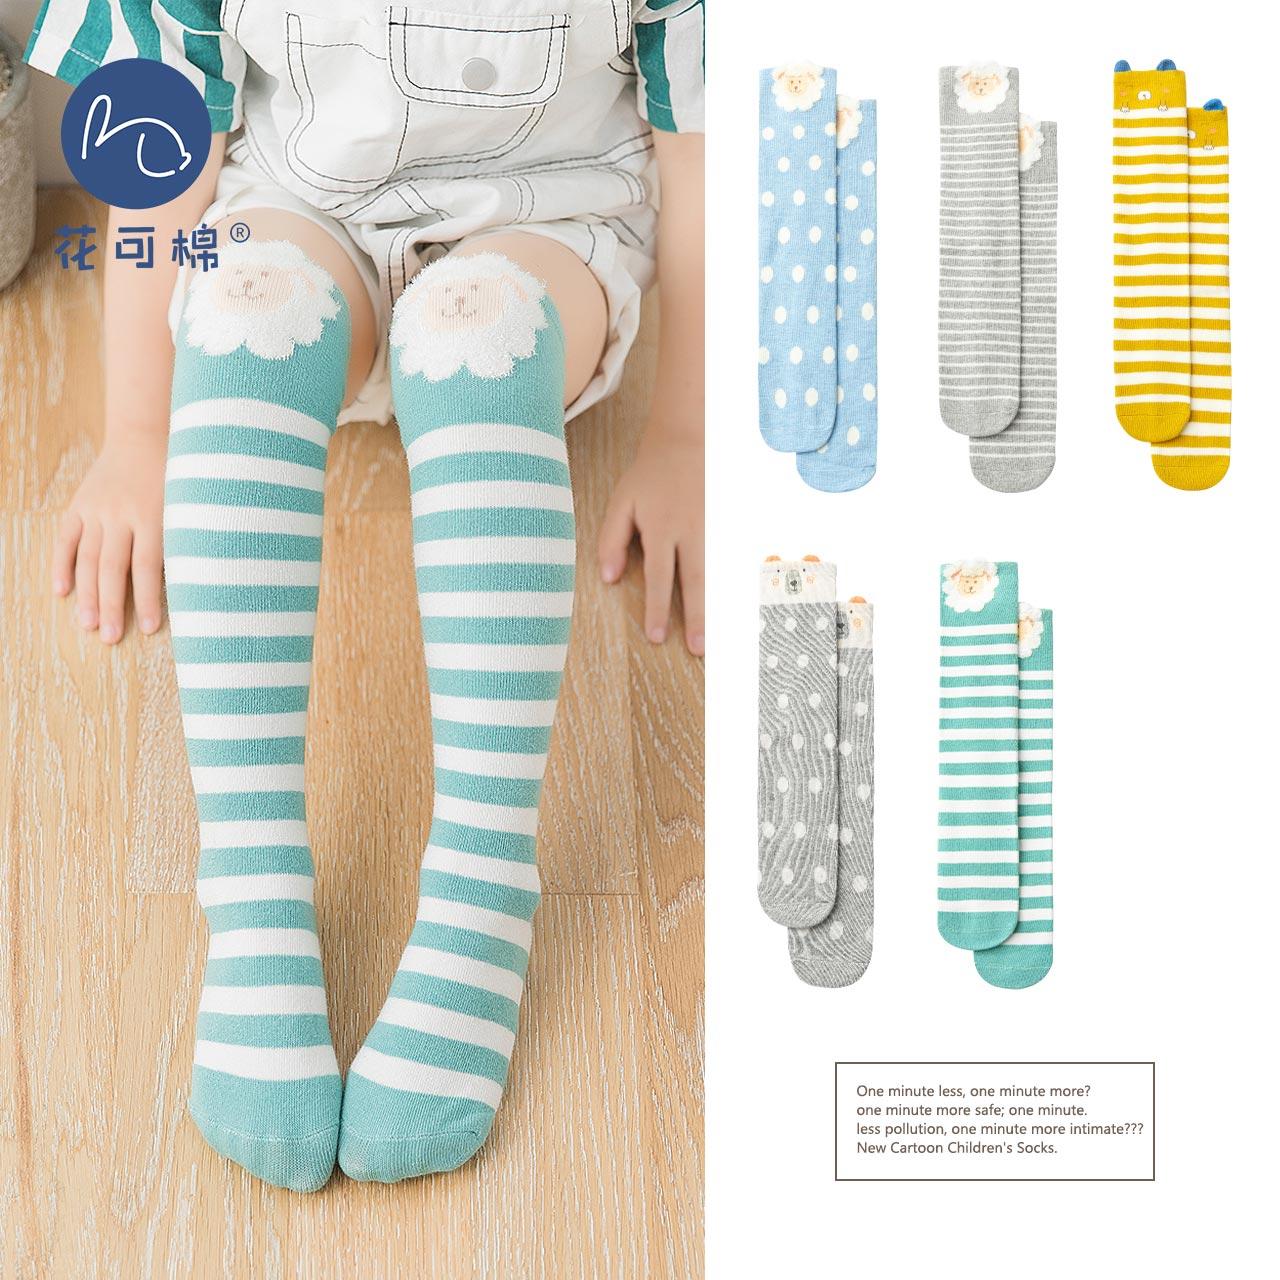 花可棉宝宝长袜婴儿女童纯棉秋冬儿童袜子过膝袜及中高筒袜堆堆袜